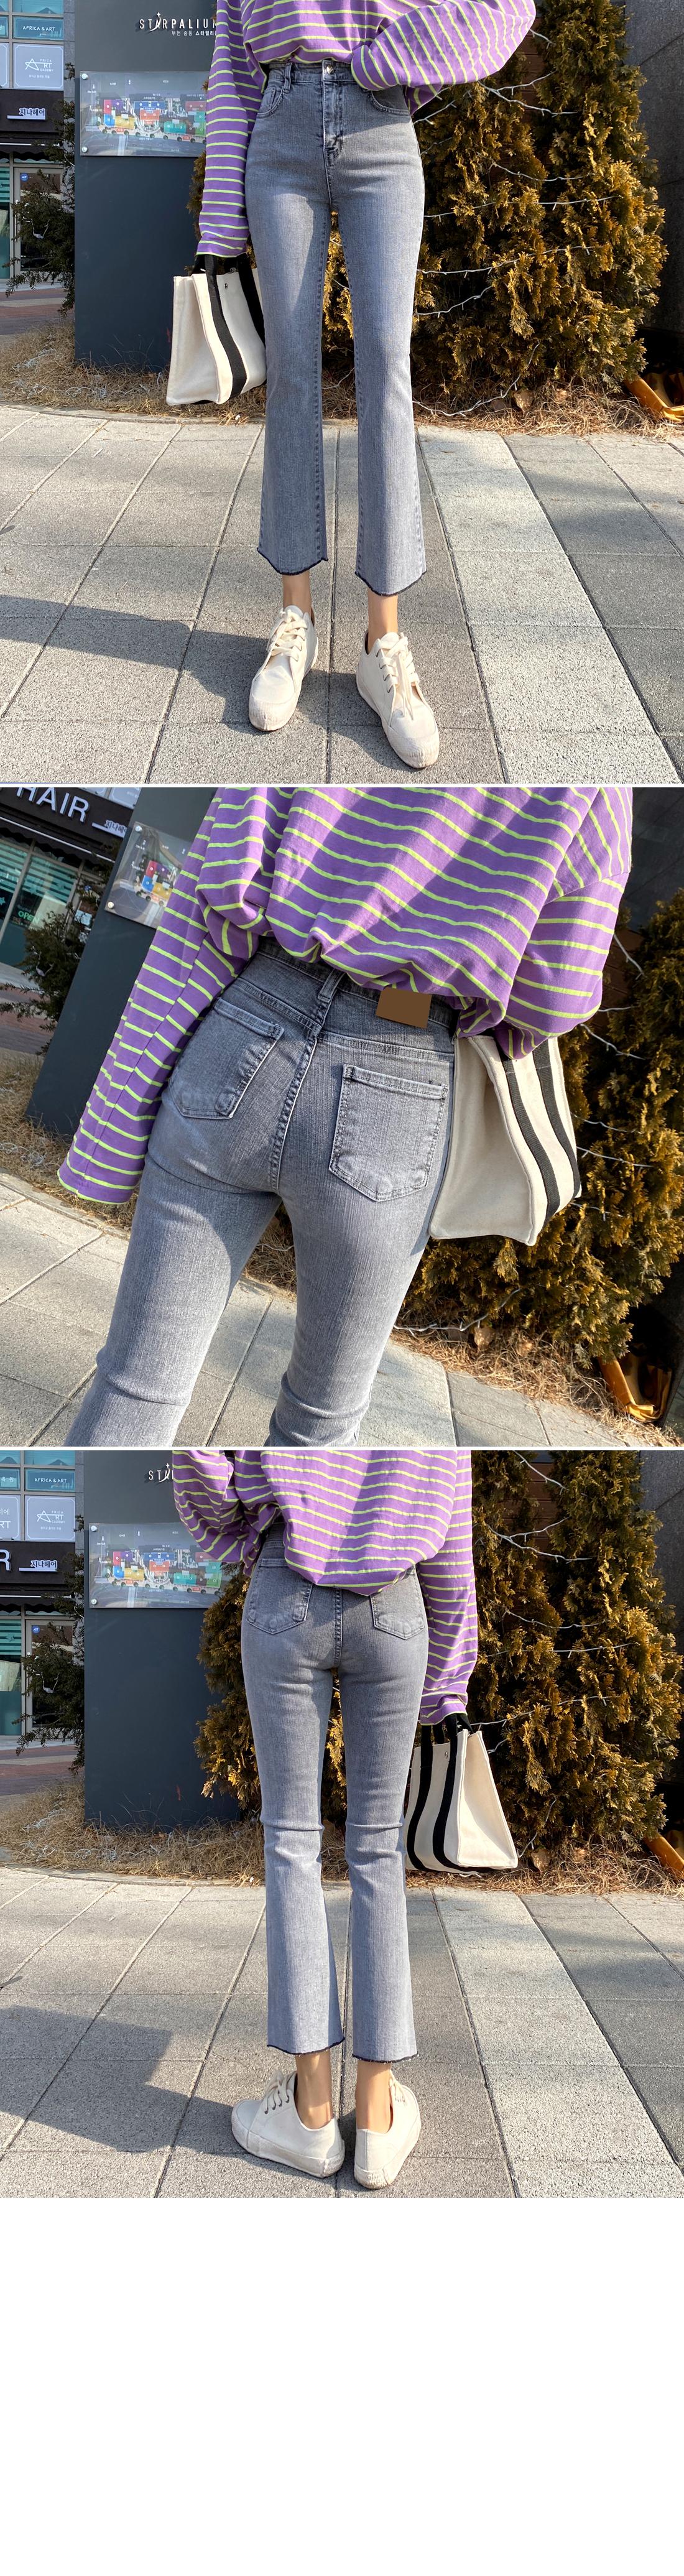 Gray high waist bootcut jeans